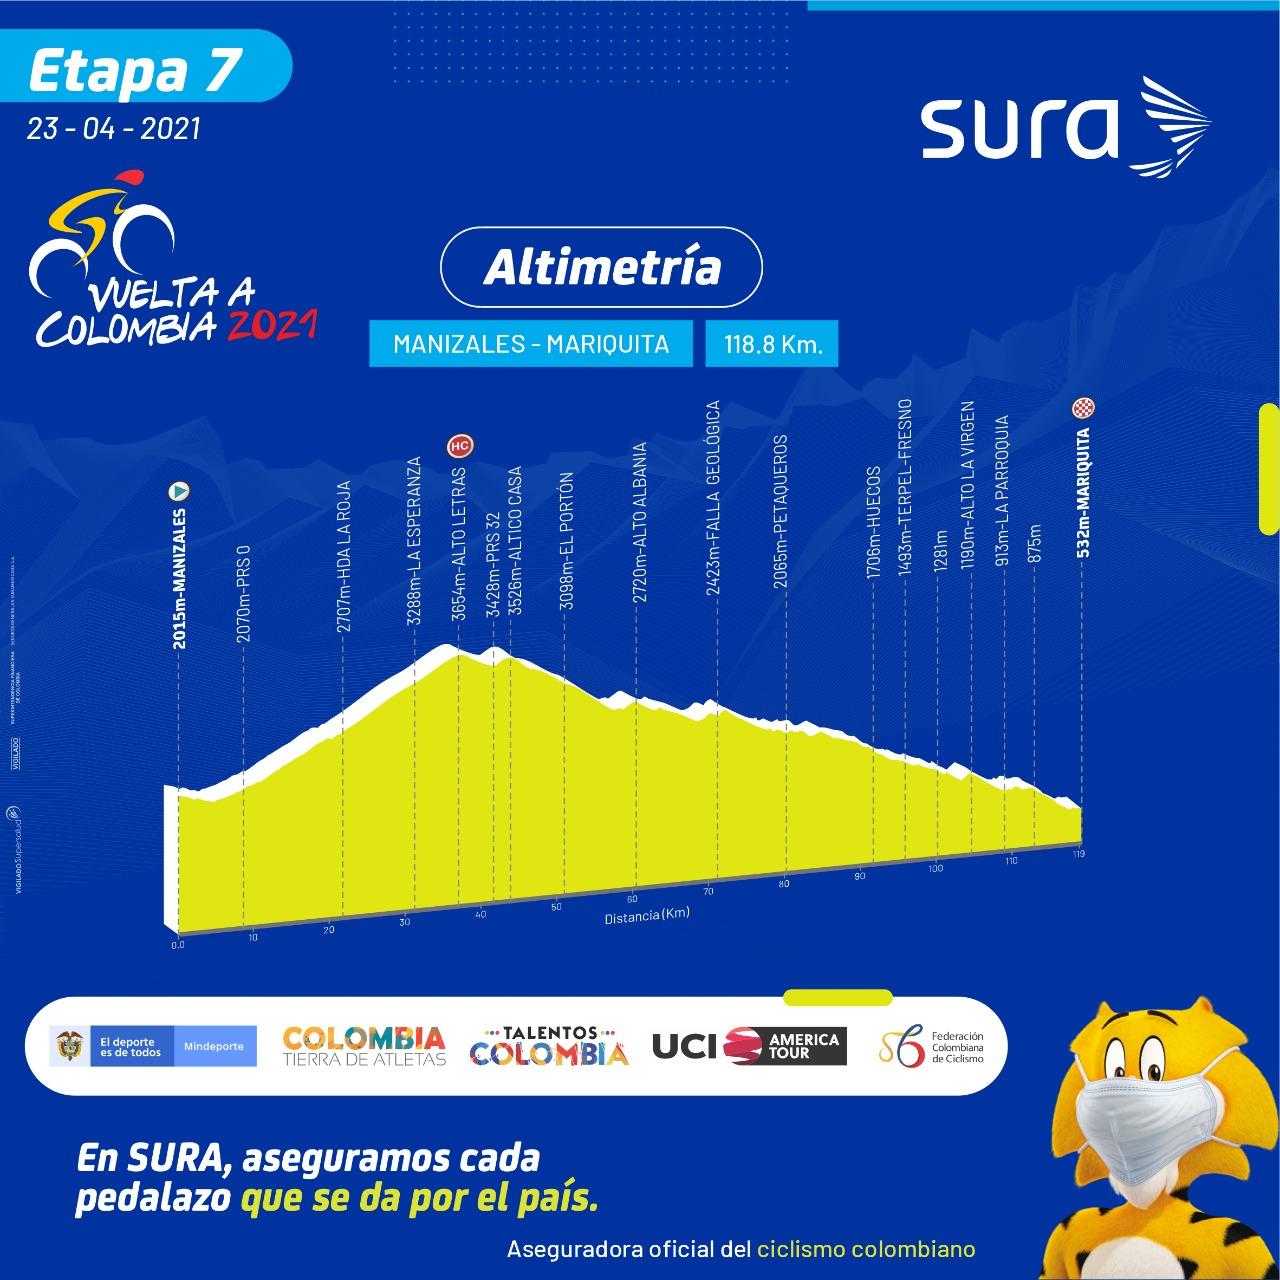 Etapa 7 Vuelta a Colombia 2021